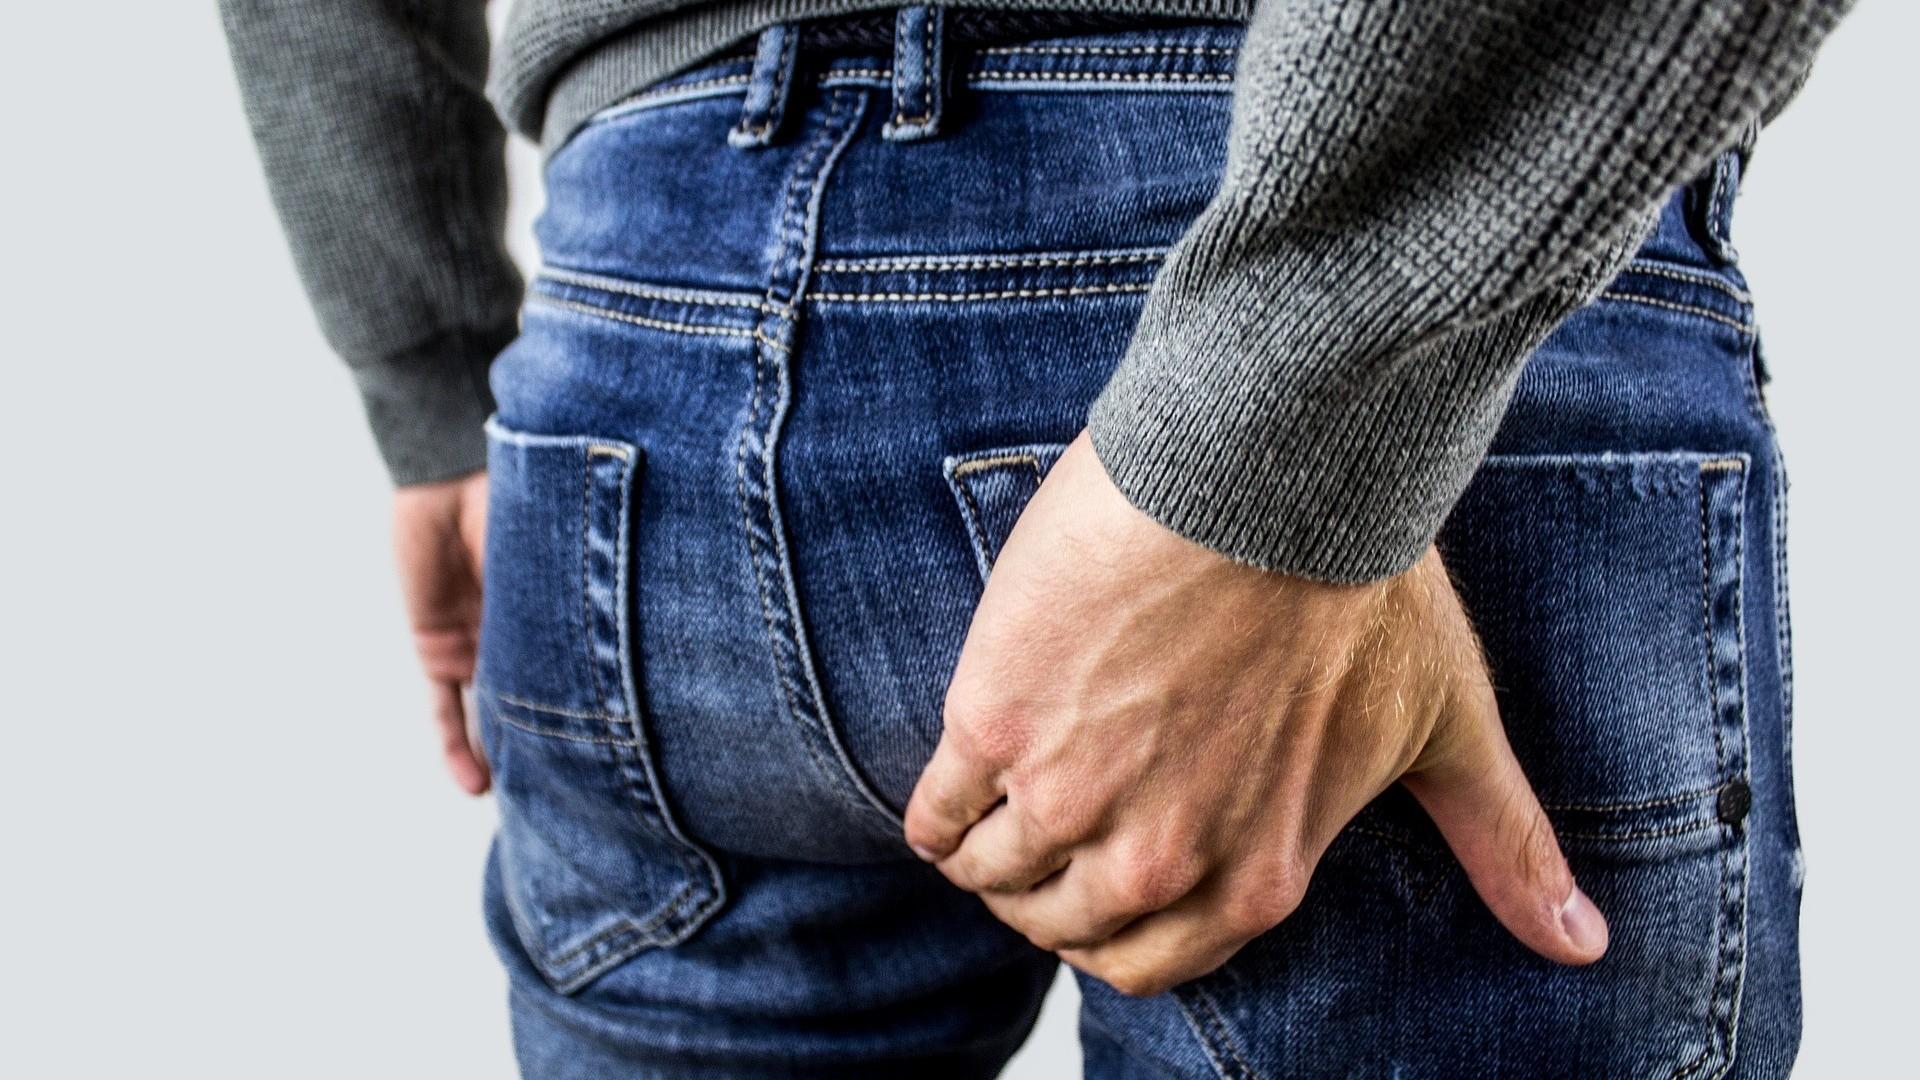 ▲屁股痛,直腸檢查,前列腺檢查,開菊,拉肚子,腸胃不適,摸臀,摸屁股。(圖/pixabay,示意圖,非本文當事人)